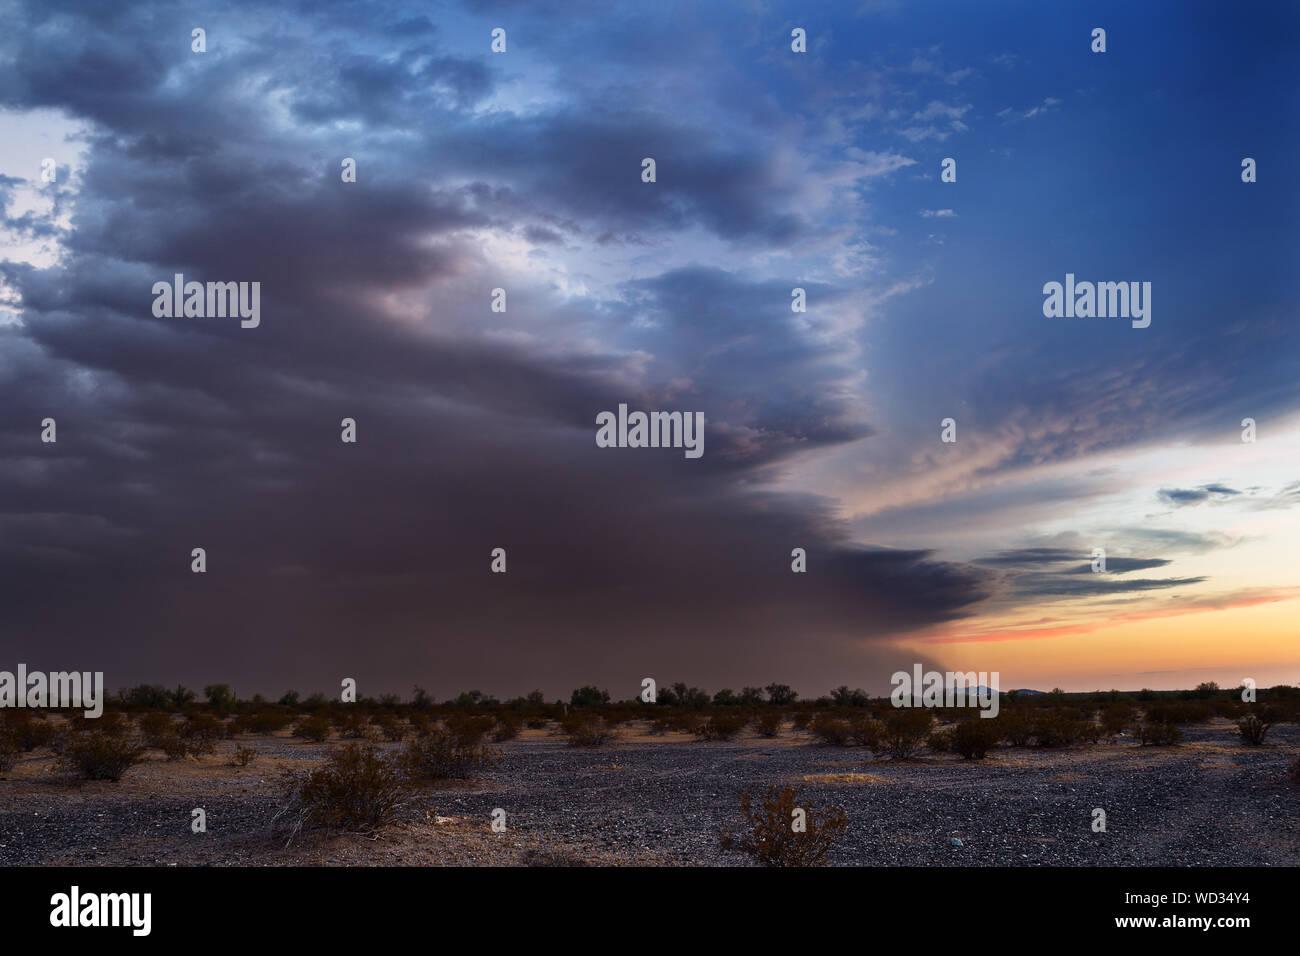 Vue panoramique du désert de Sonora contre ciel nuageux pendant le coucher du soleil Banque D'Images